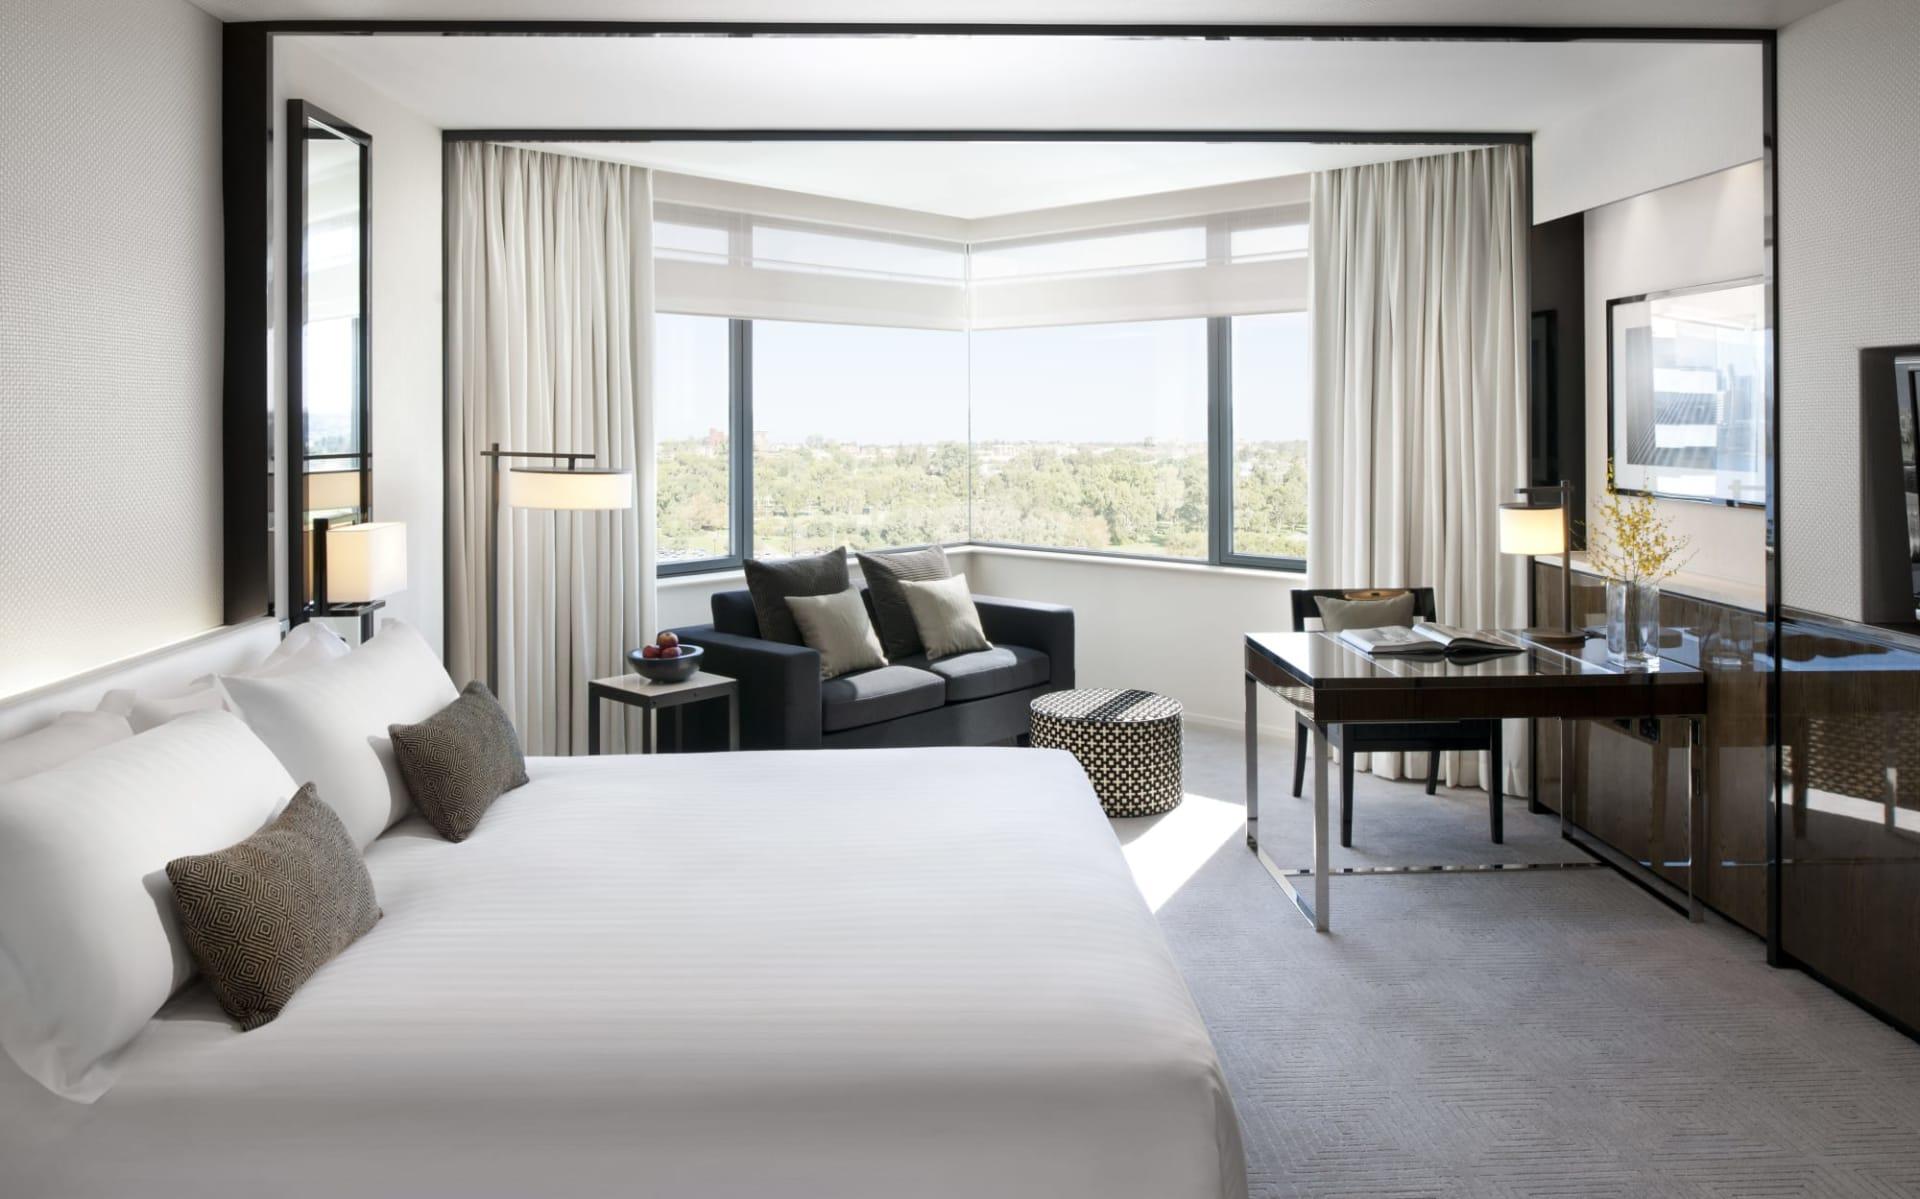 Crown Metropol Perth in Perth - Burswood: Crown Metropol Hotel Perth Western Australia  Australien  Luxe King Room  2018